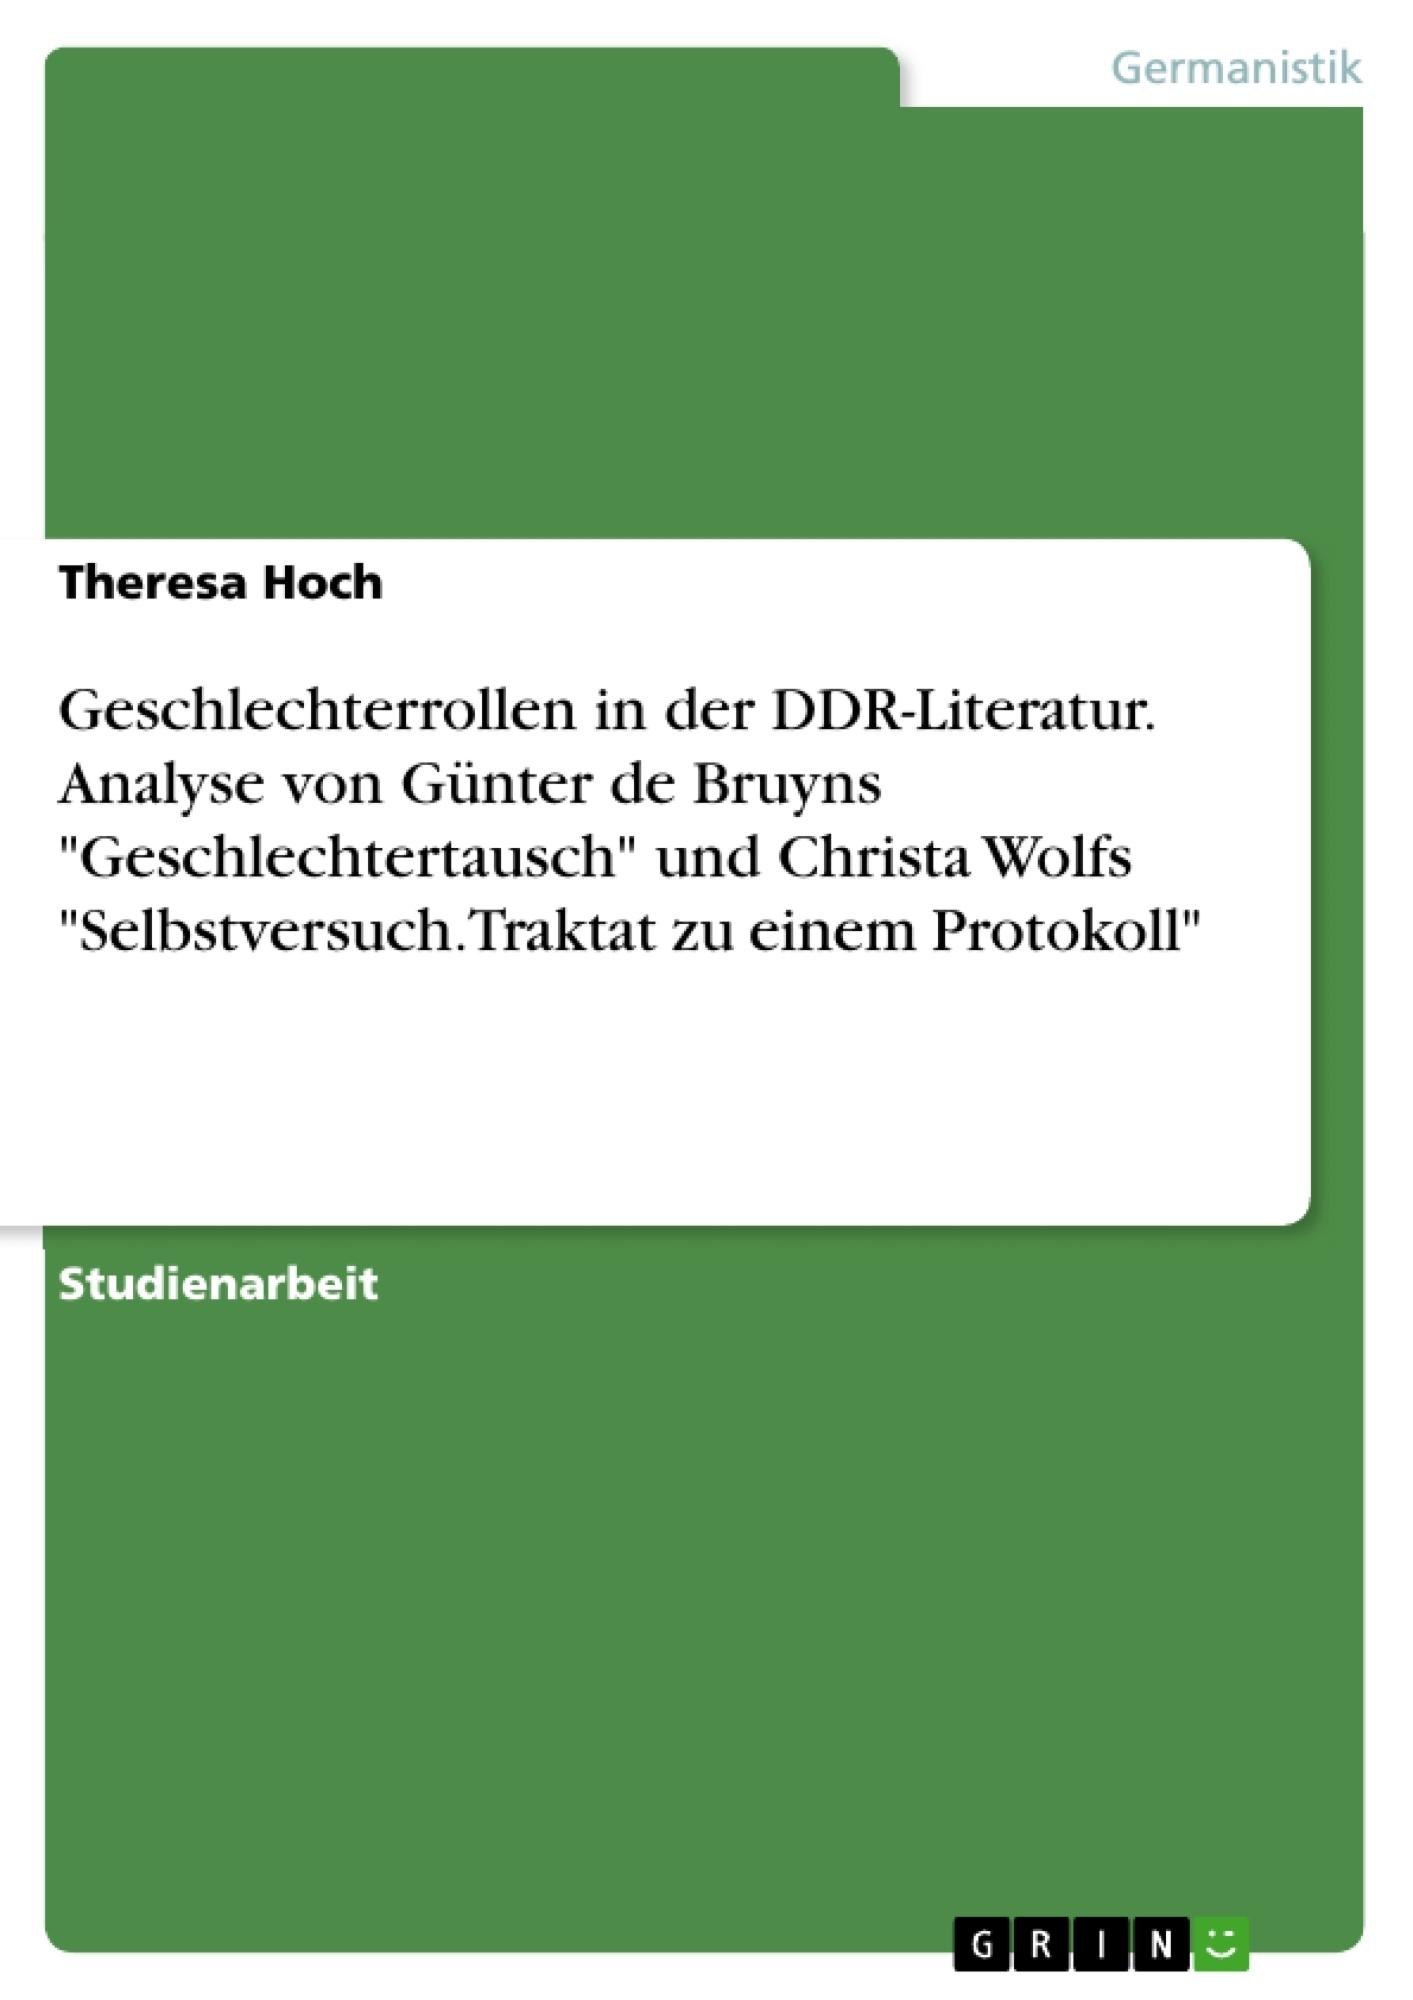 """Titel: Geschlechterrollen in der DDR-Literatur. Analyse von Günter de Bruyns """"Geschlechtertausch"""" und Christa Wolfs """"Selbstversuch. Traktat zu einem Protokoll"""""""